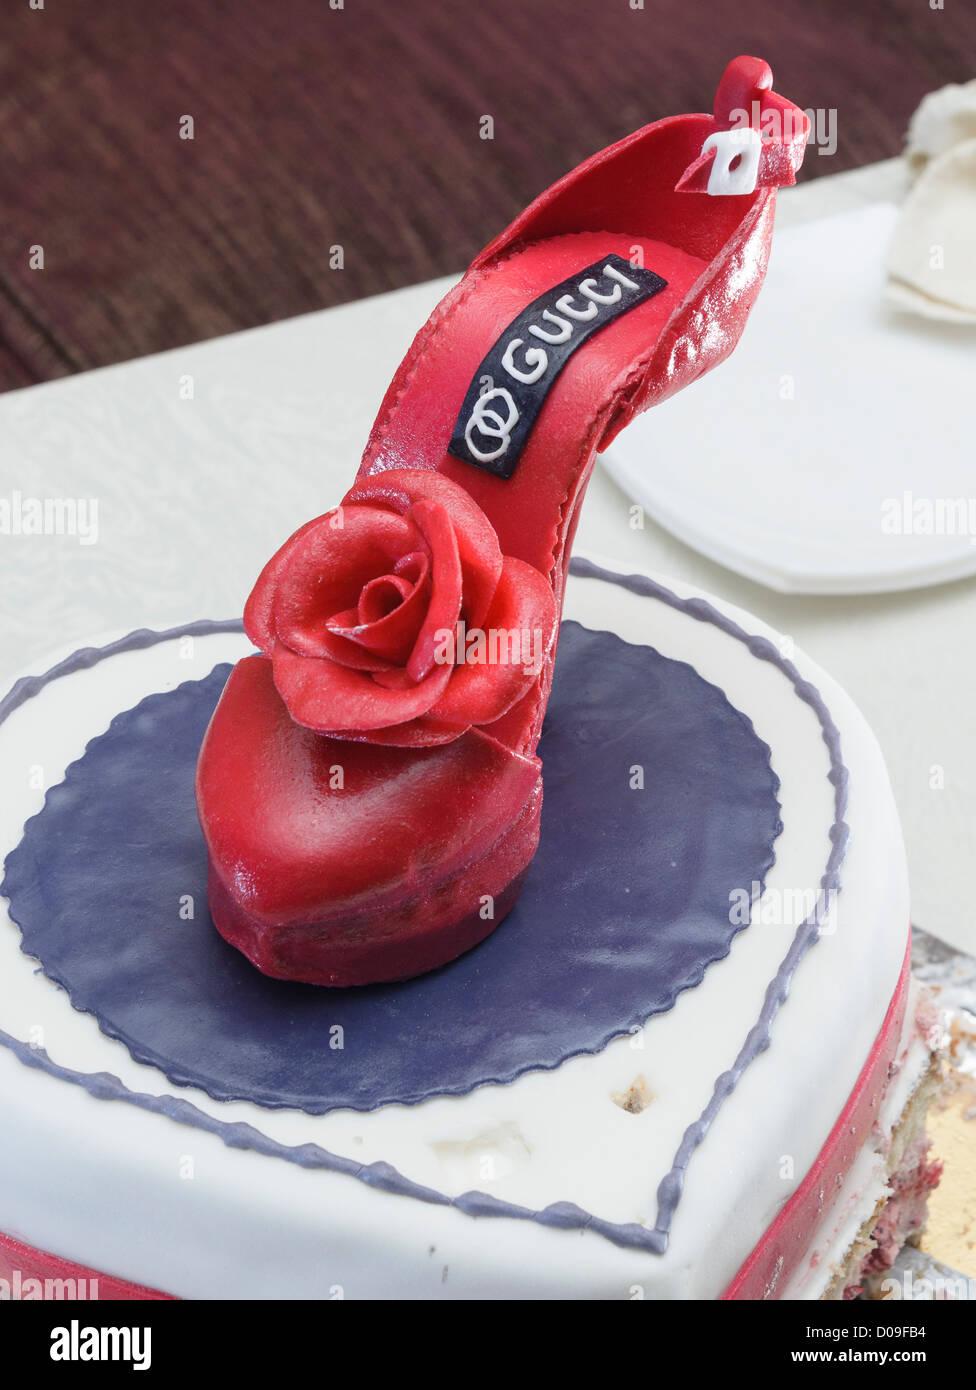 Torta scarpa tacco alto dolce gucci